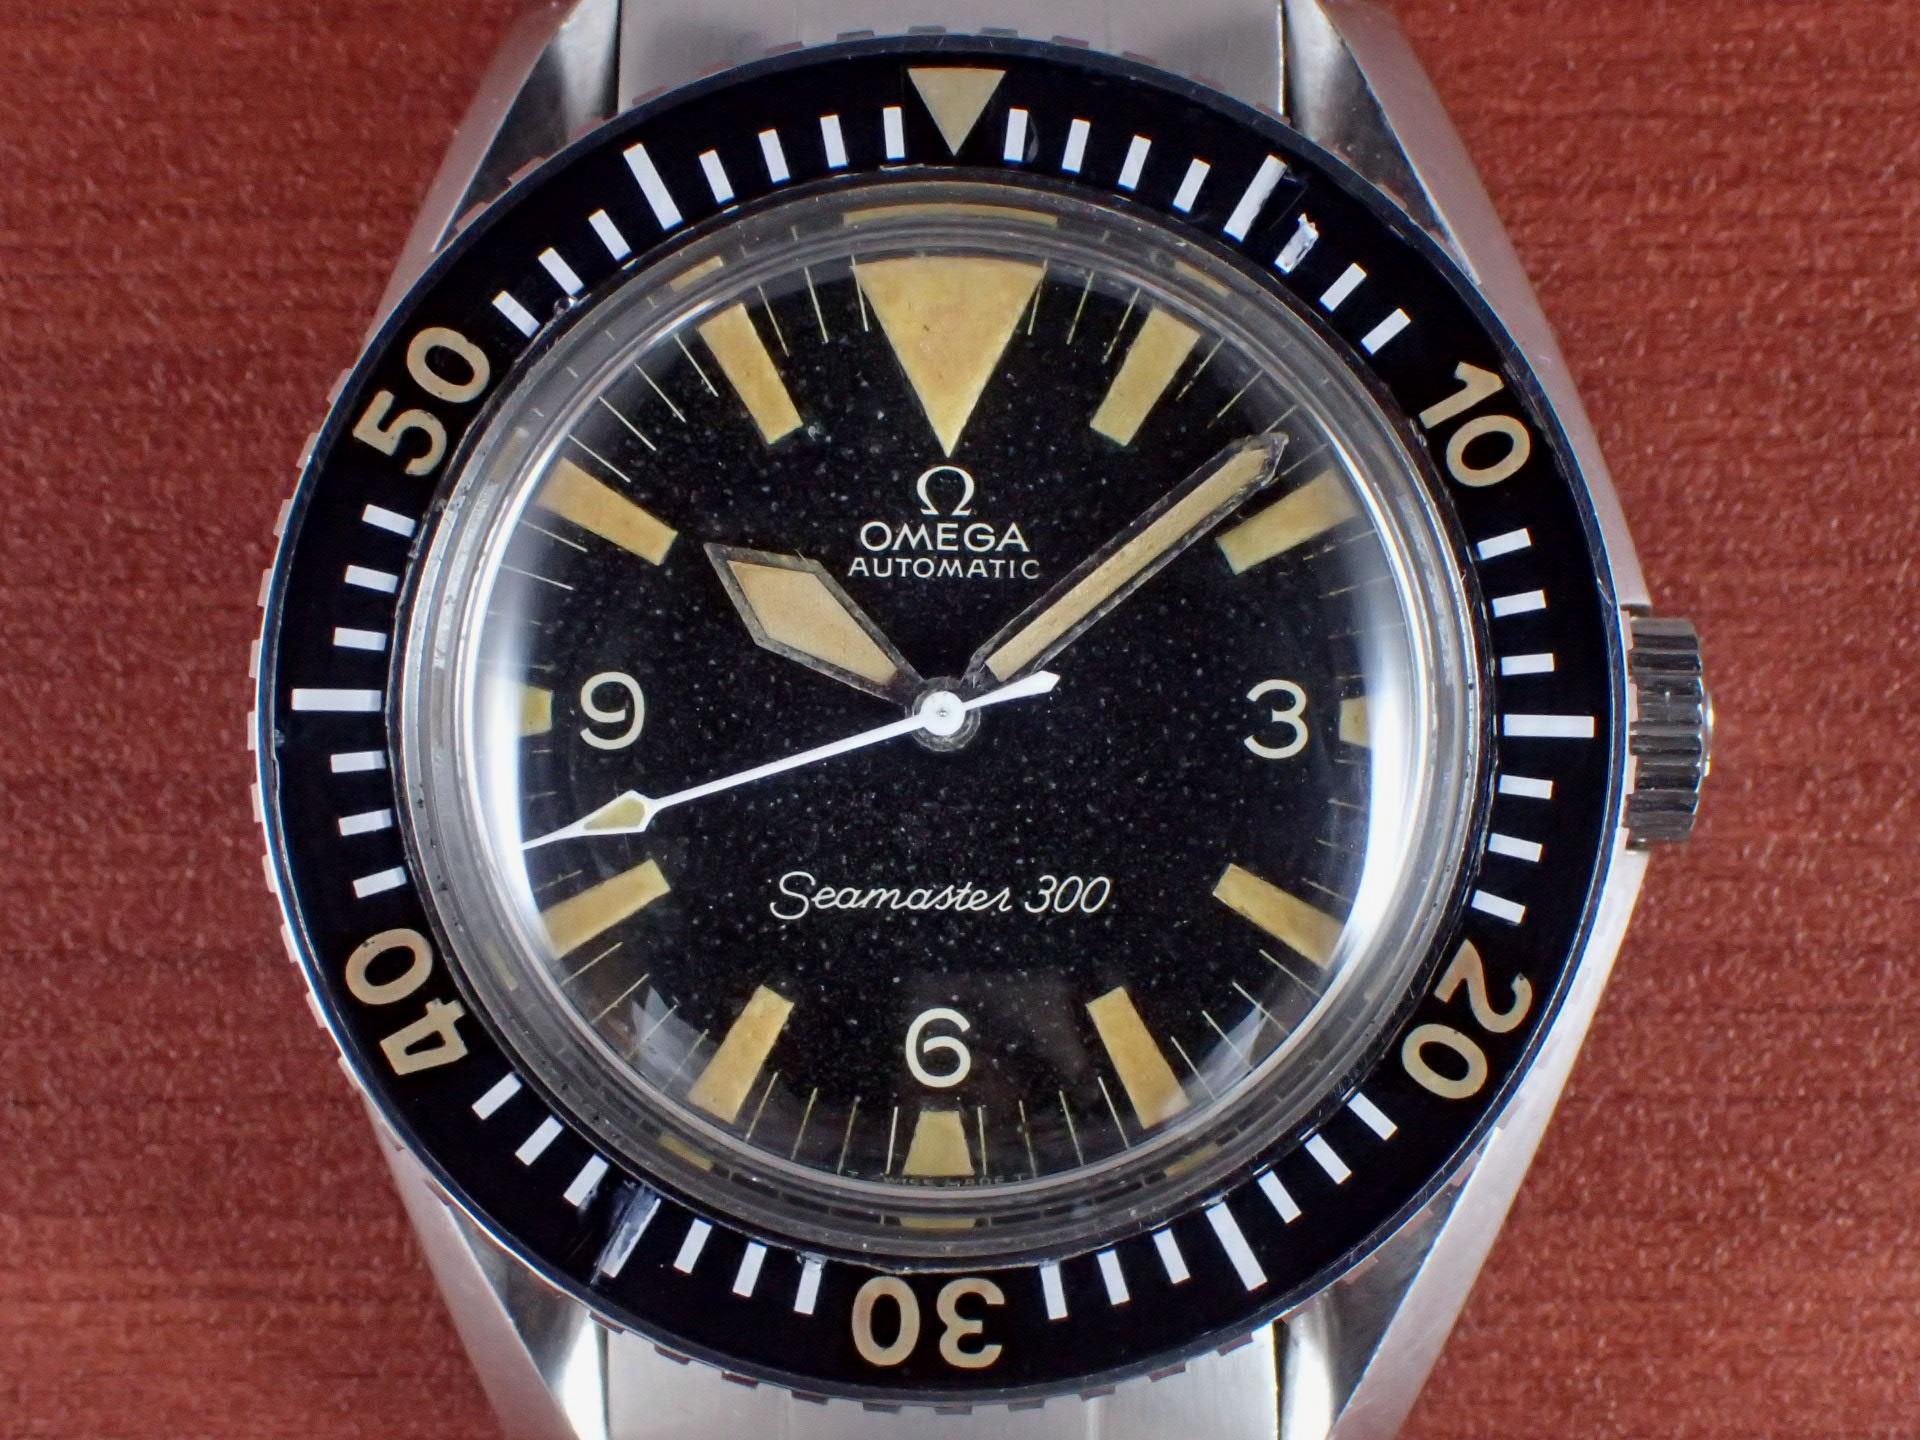 オメガ シーマスター300 ビッグトライアングル Ref.165.024 1960年代の写真2枚目